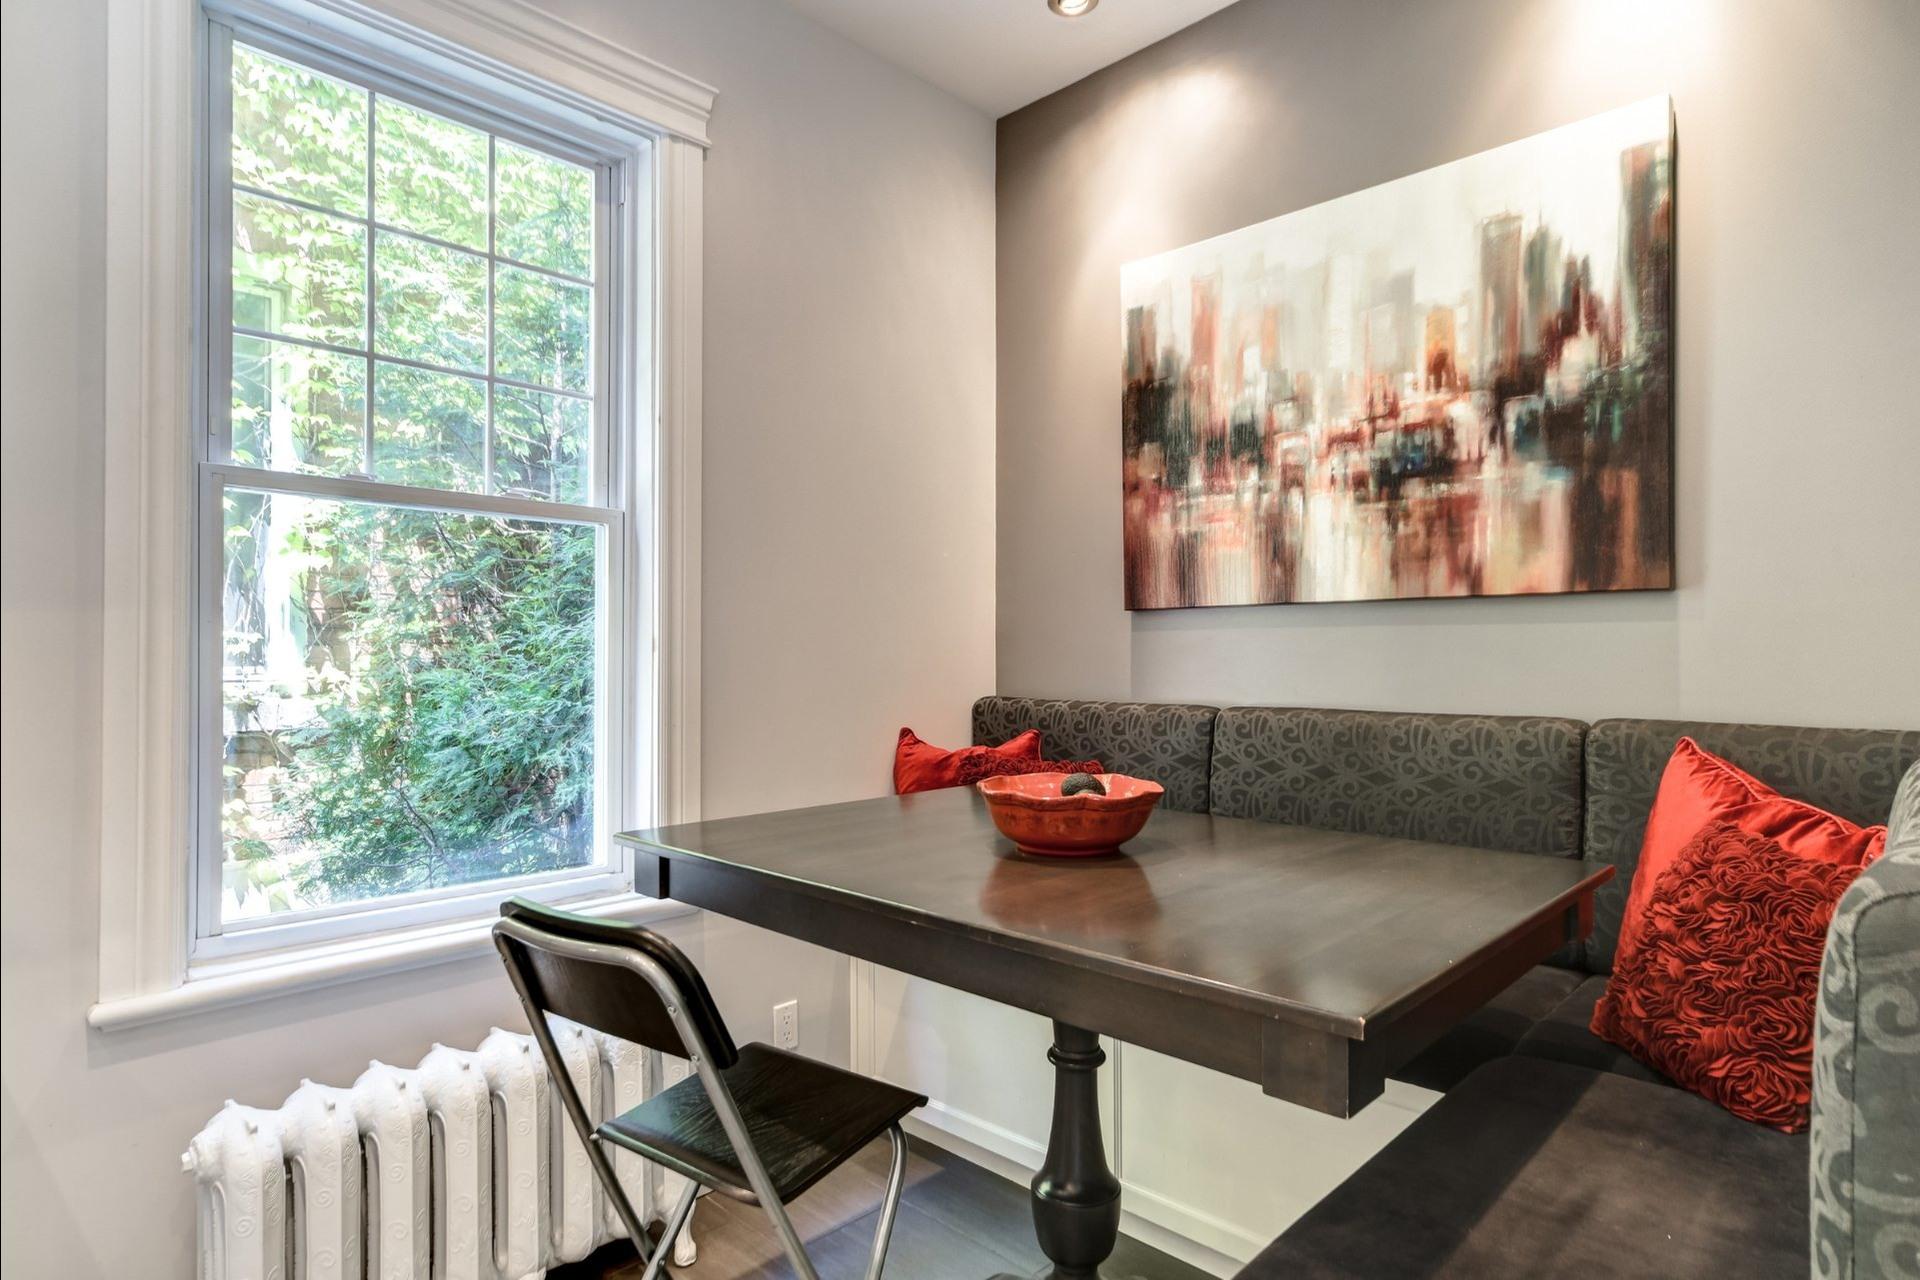 image 14 - Duplex À vendre Côte-des-Neiges/Notre-Dame-de-Grâce Montréal  - 9 pièces